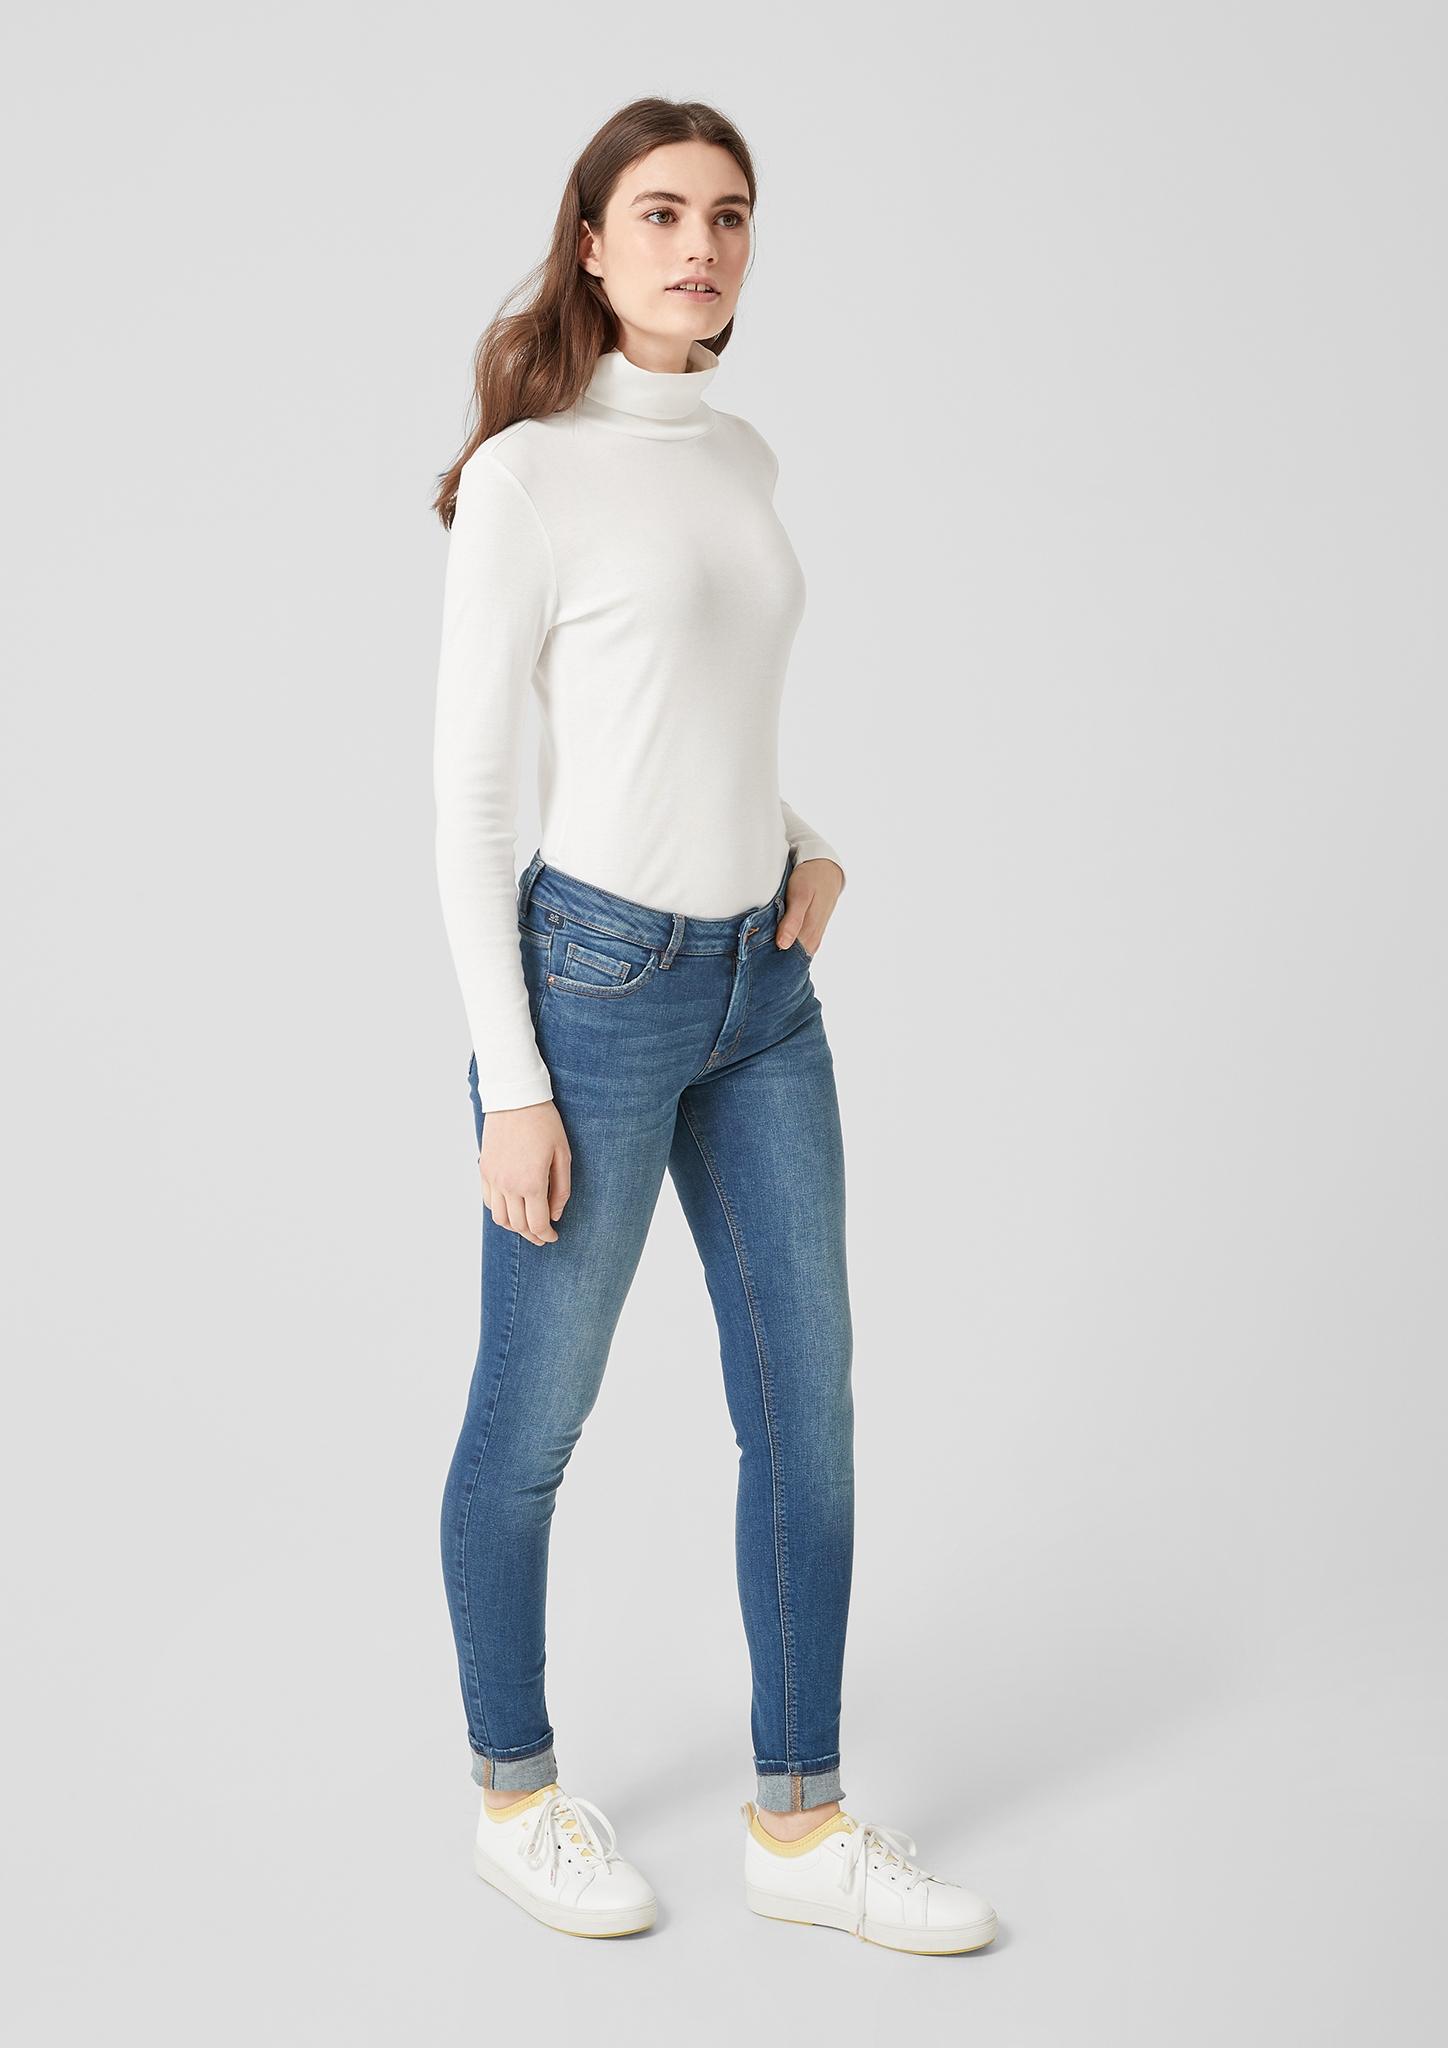 Abendkleider online auf rechnung bestellen schweiz